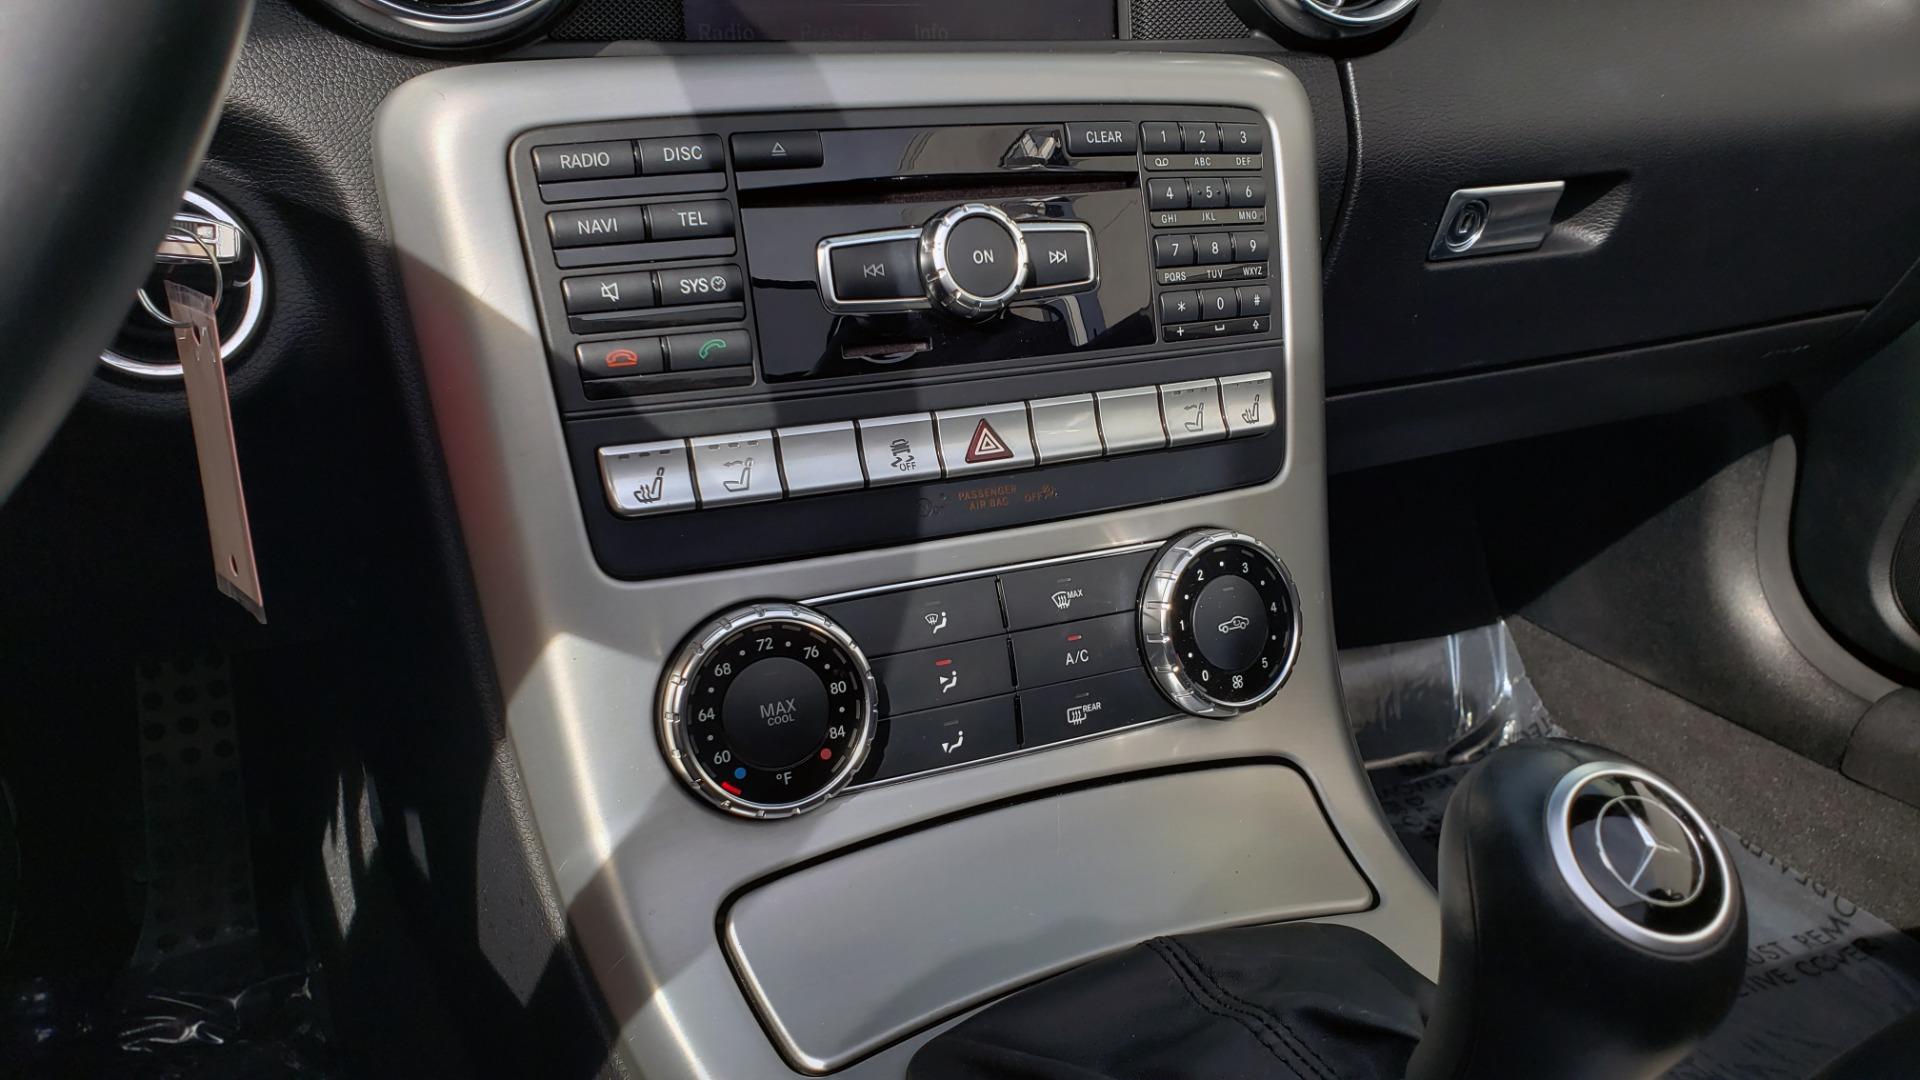 Used 2012 Mercedes-Benz SLK-CLASS SLK 250 ROADSTER / PREM 1 PKG / COMAND LAUNCH PKG / 7-SPD AUTO for sale $24,995 at Formula Imports in Charlotte NC 28227 27